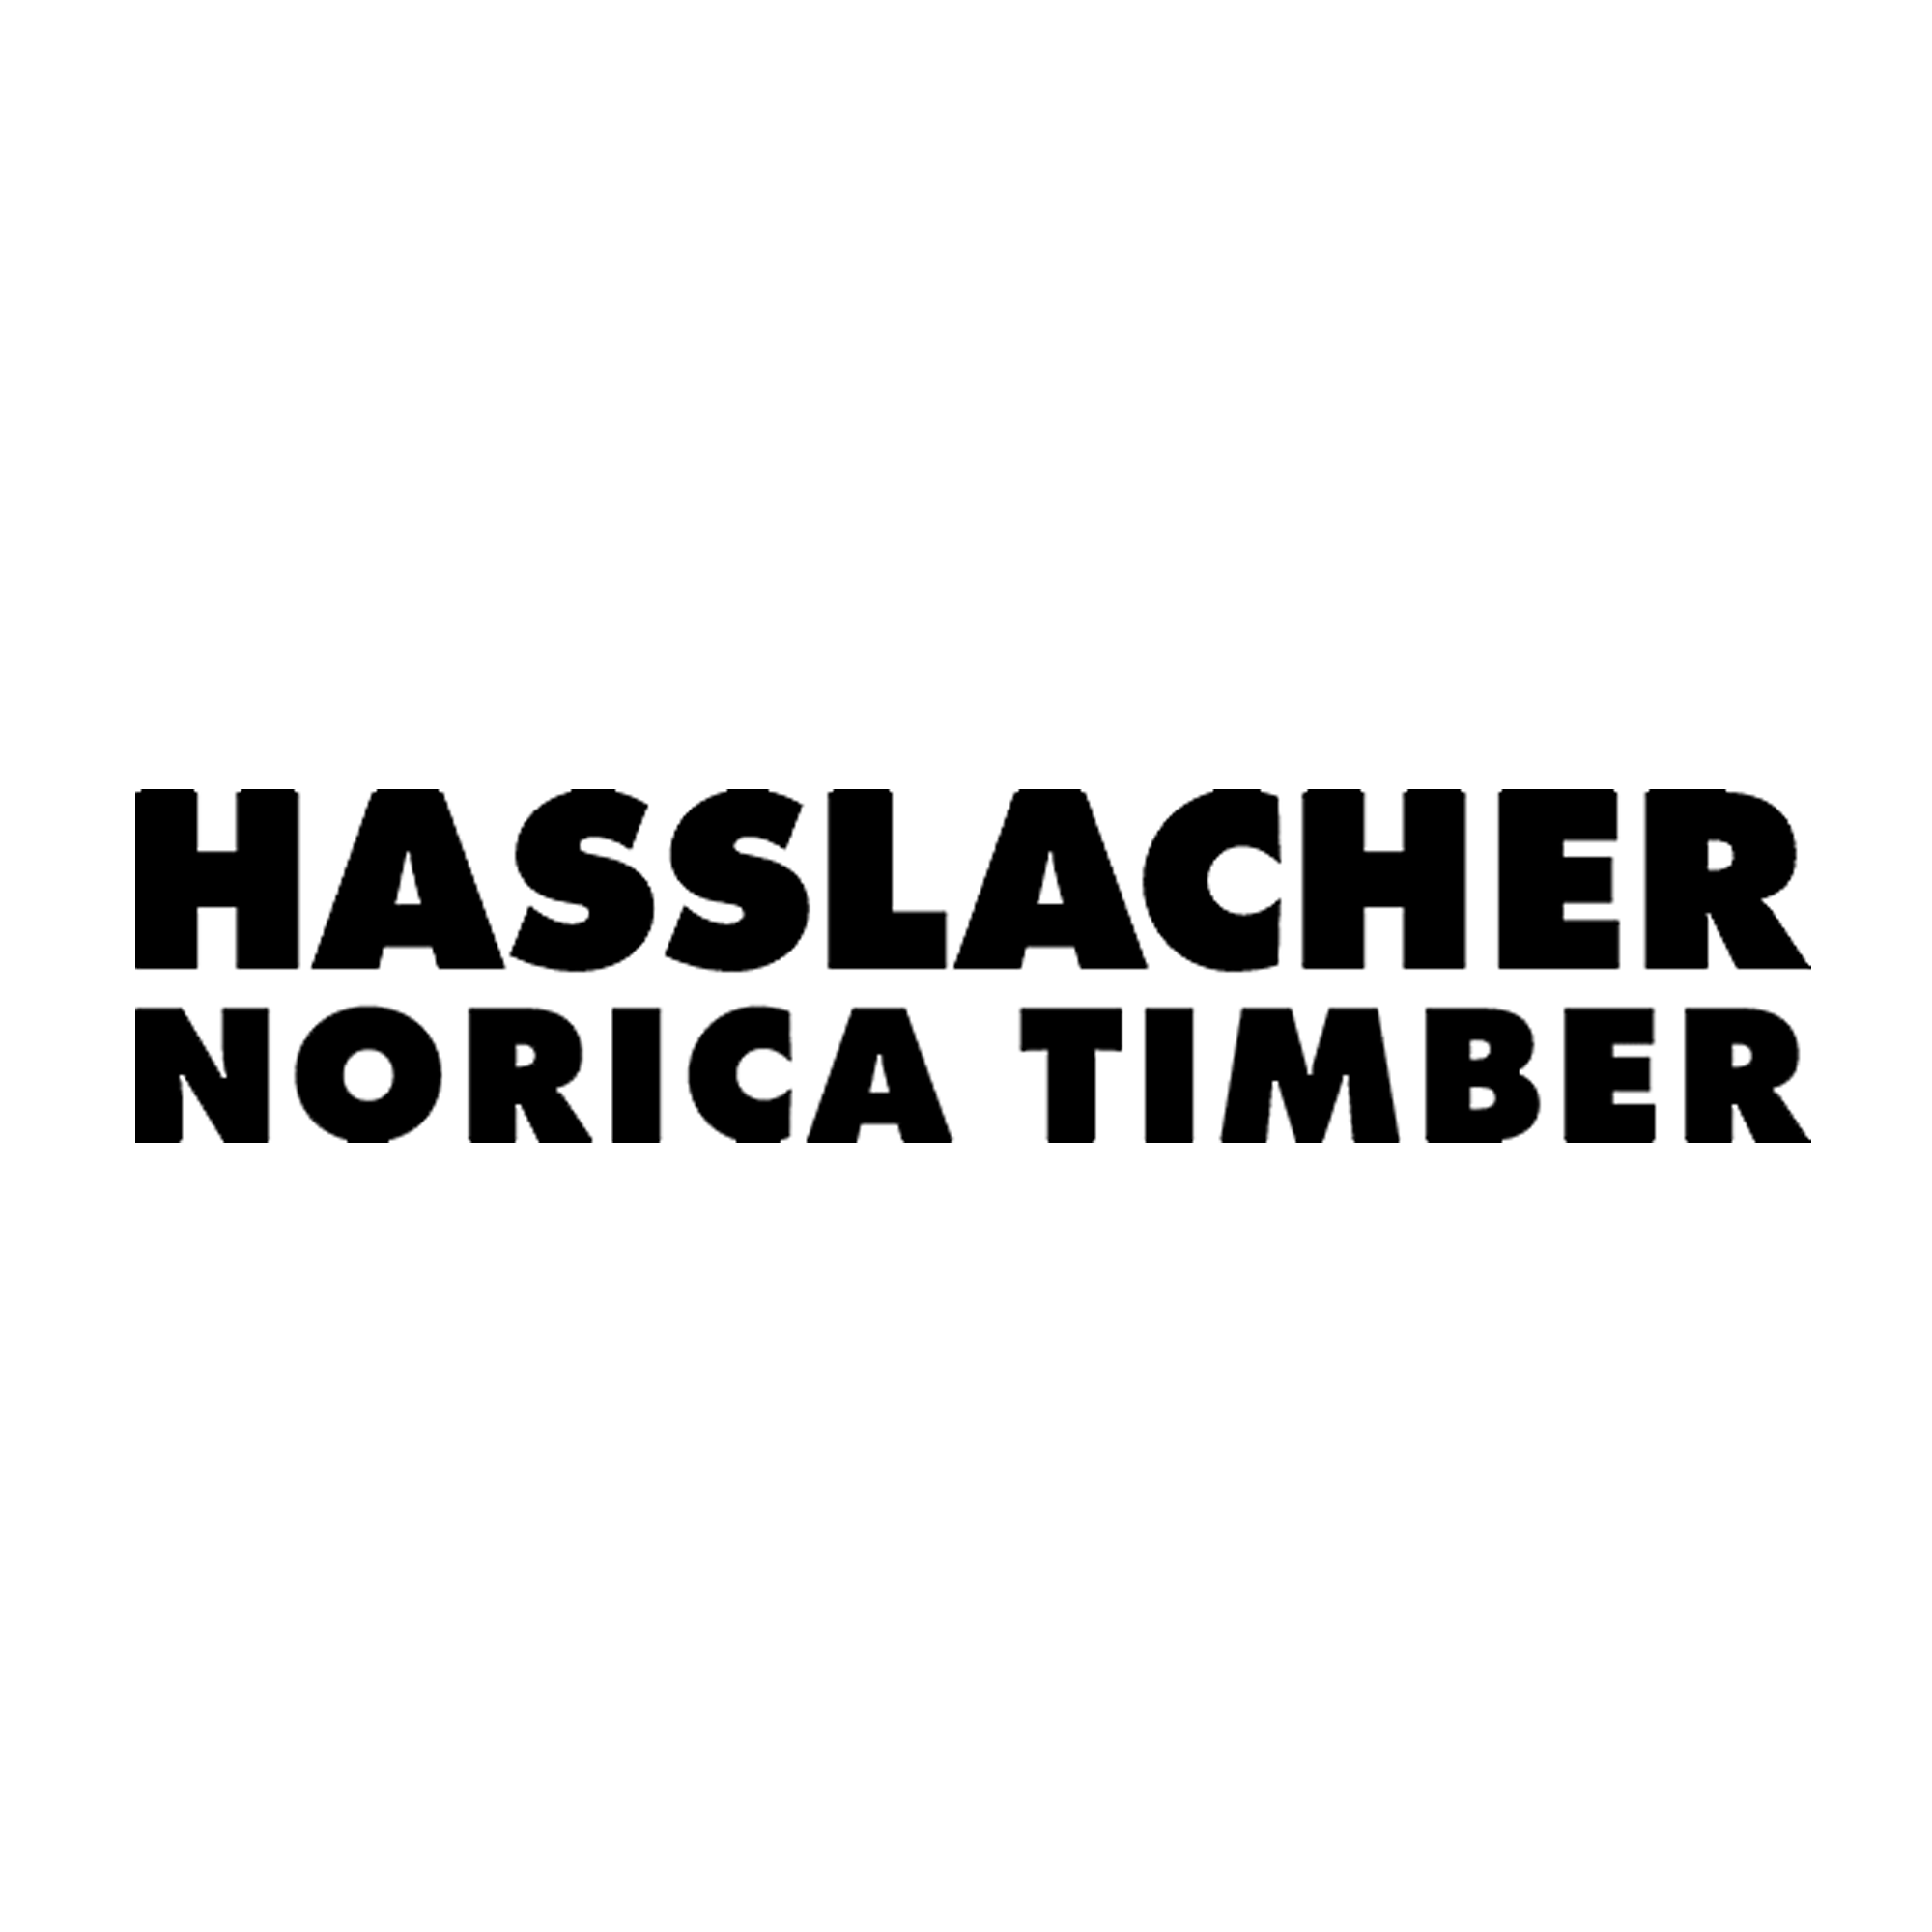 www.hasslacher.com